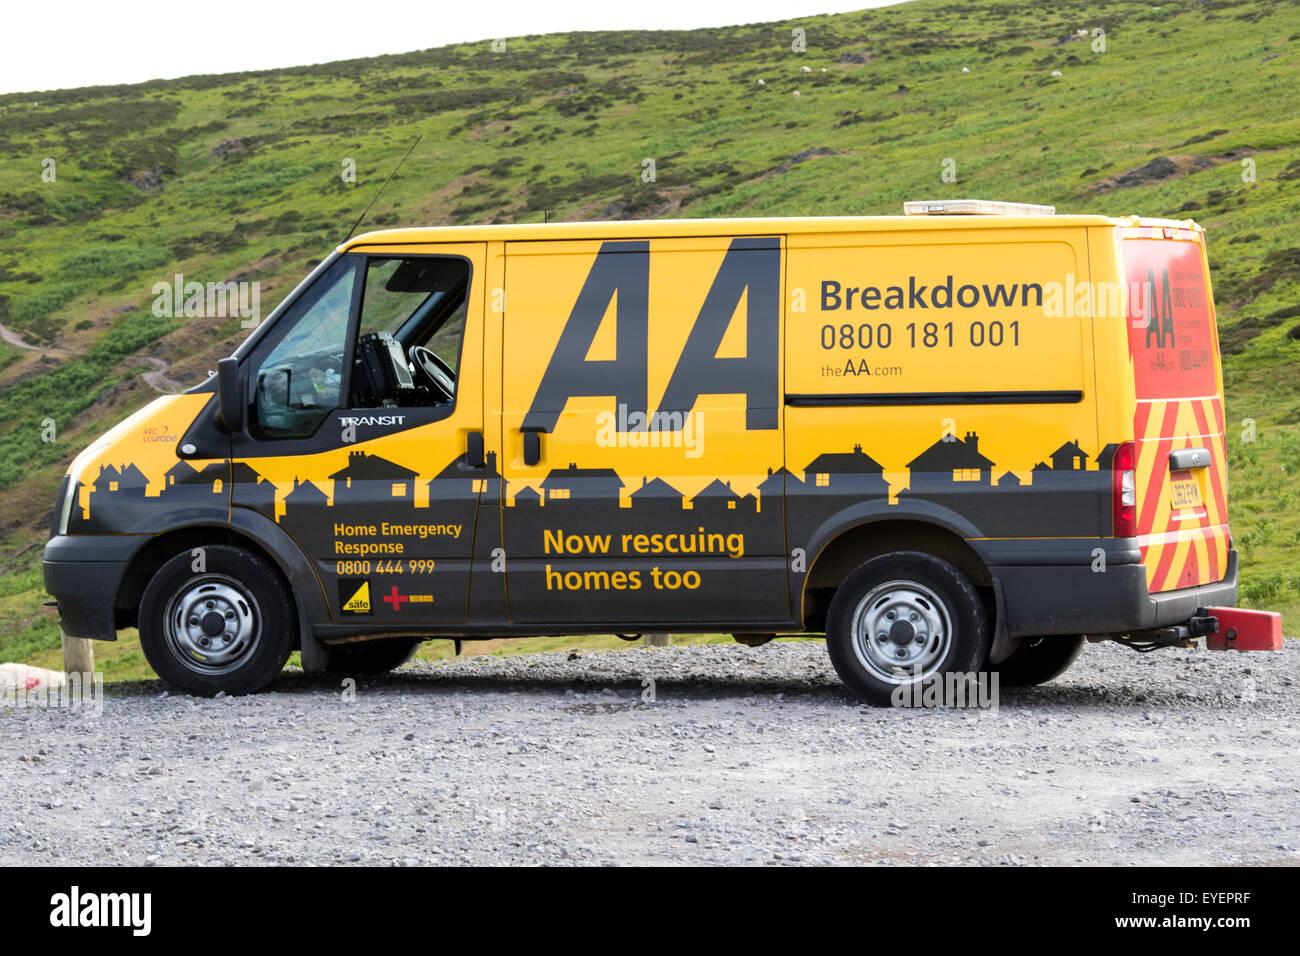 AA breakdown vehicle, England, UK - Stock Image